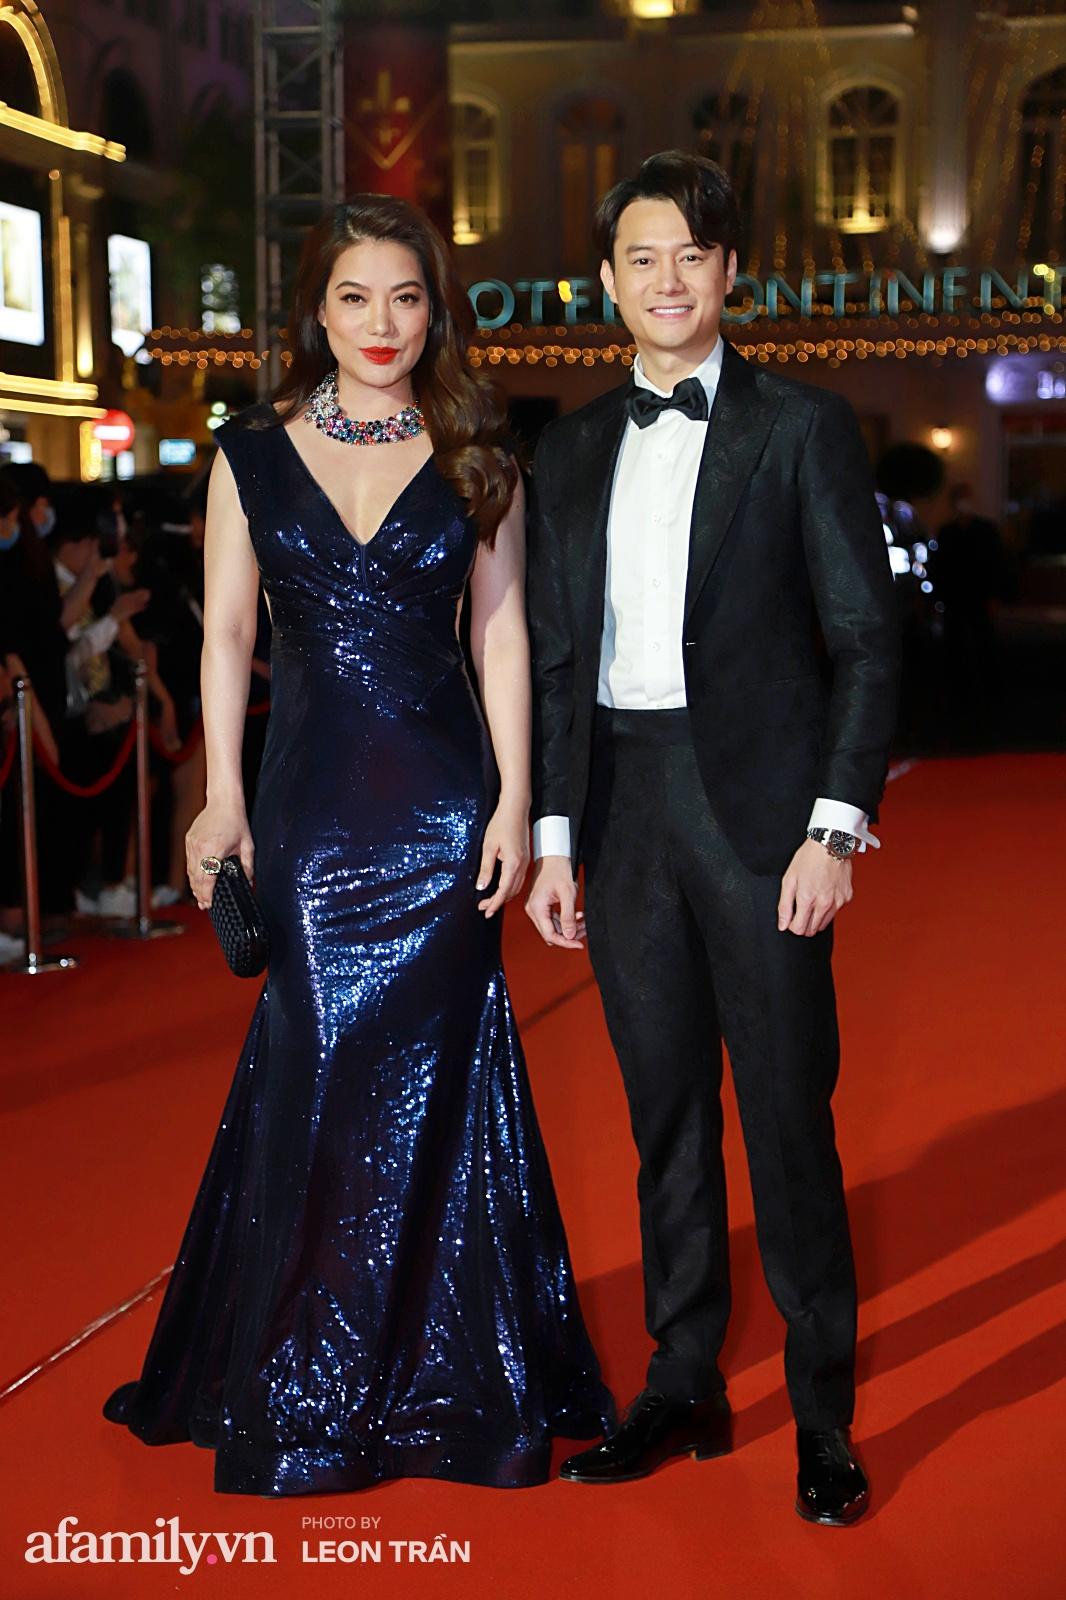 Thảm đỏ lễ trao giải Mai Vàng 26: Nghệ sĩ Hoài Linh gượng cười sau nhiều biến cố, Minh Hằng khoe vòng 1 căng đầy gợi cảm-7